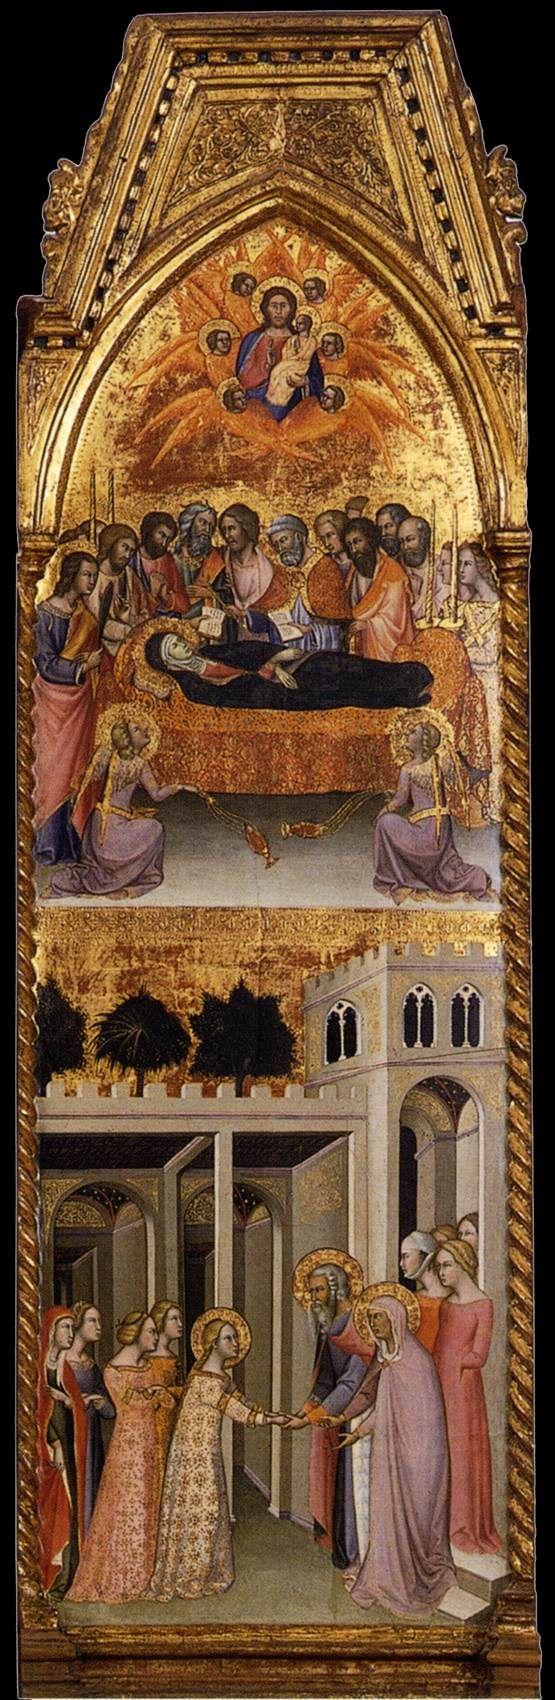 BARTOLO DI FREDI The Coronation of the Virgin (detail) 1388 Tempera on panel Museo Civico e Diocesano d'Arte Sacra, Montalcino